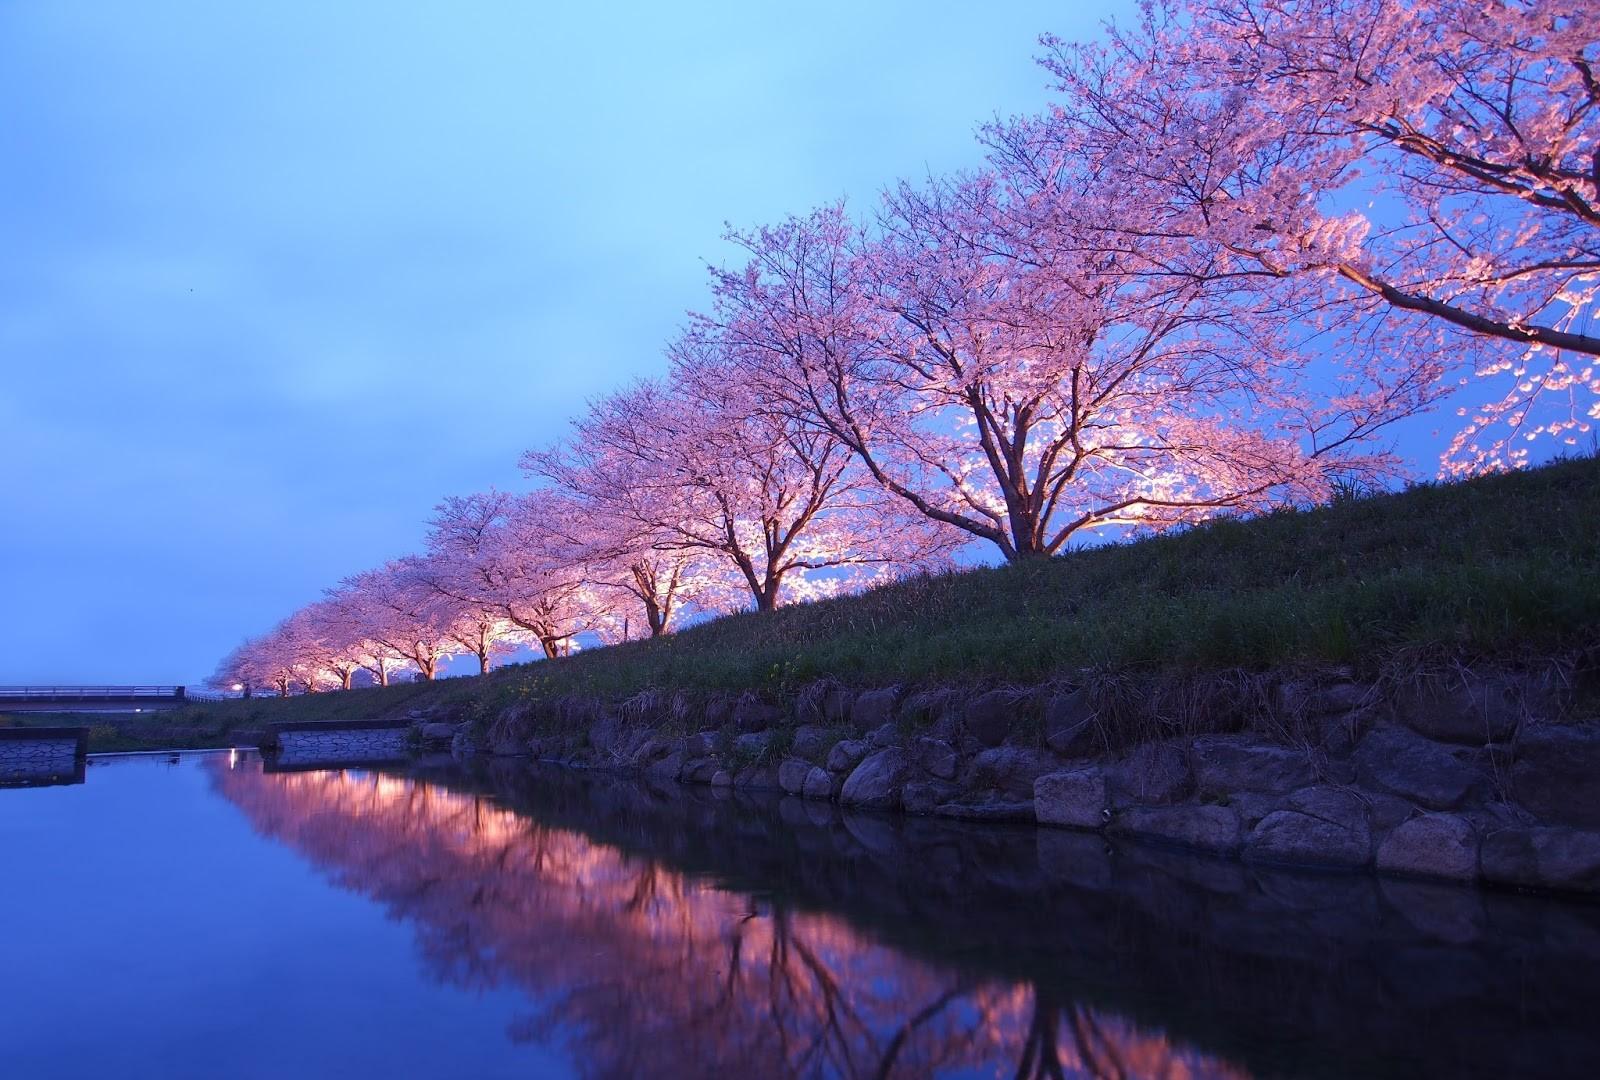 trasferirsi a vivere e lavorare in Giappone